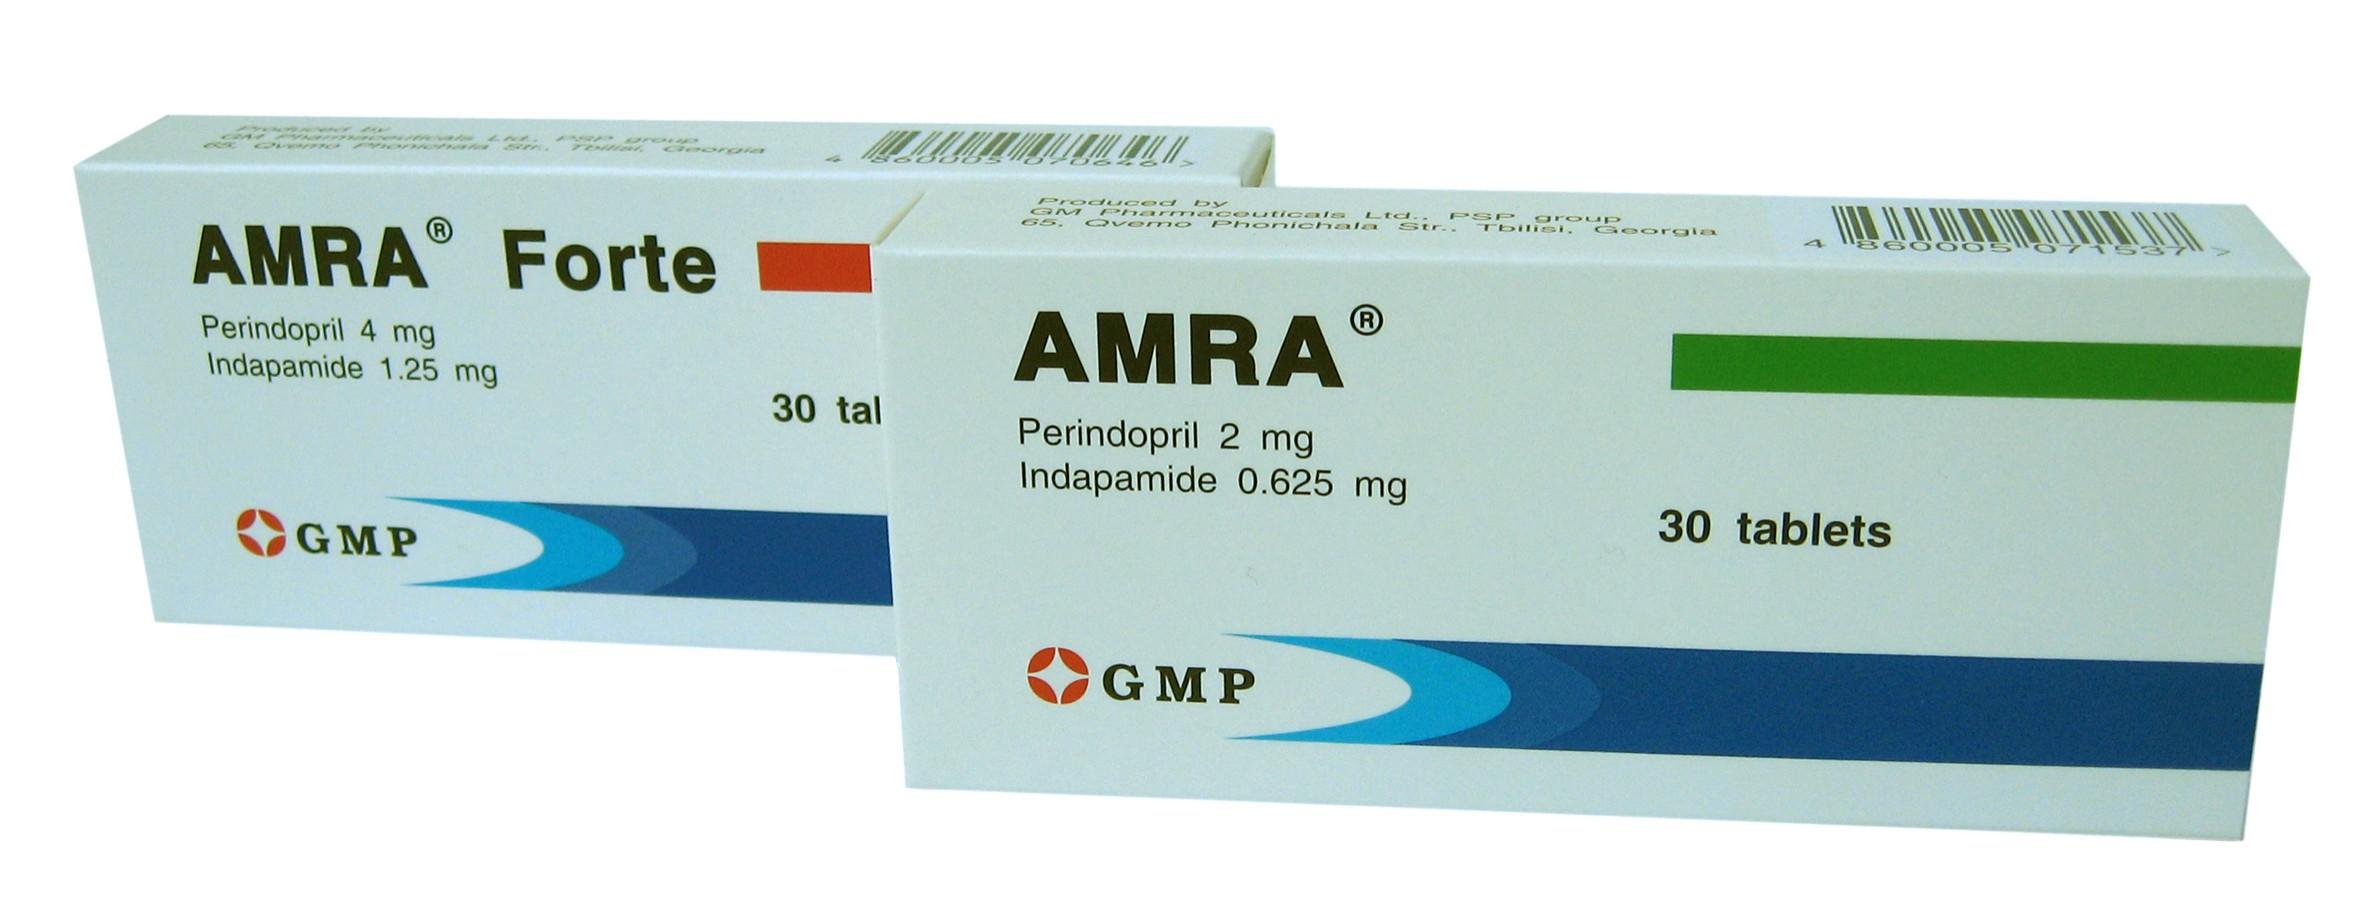 ამრა ® / AMRA ®